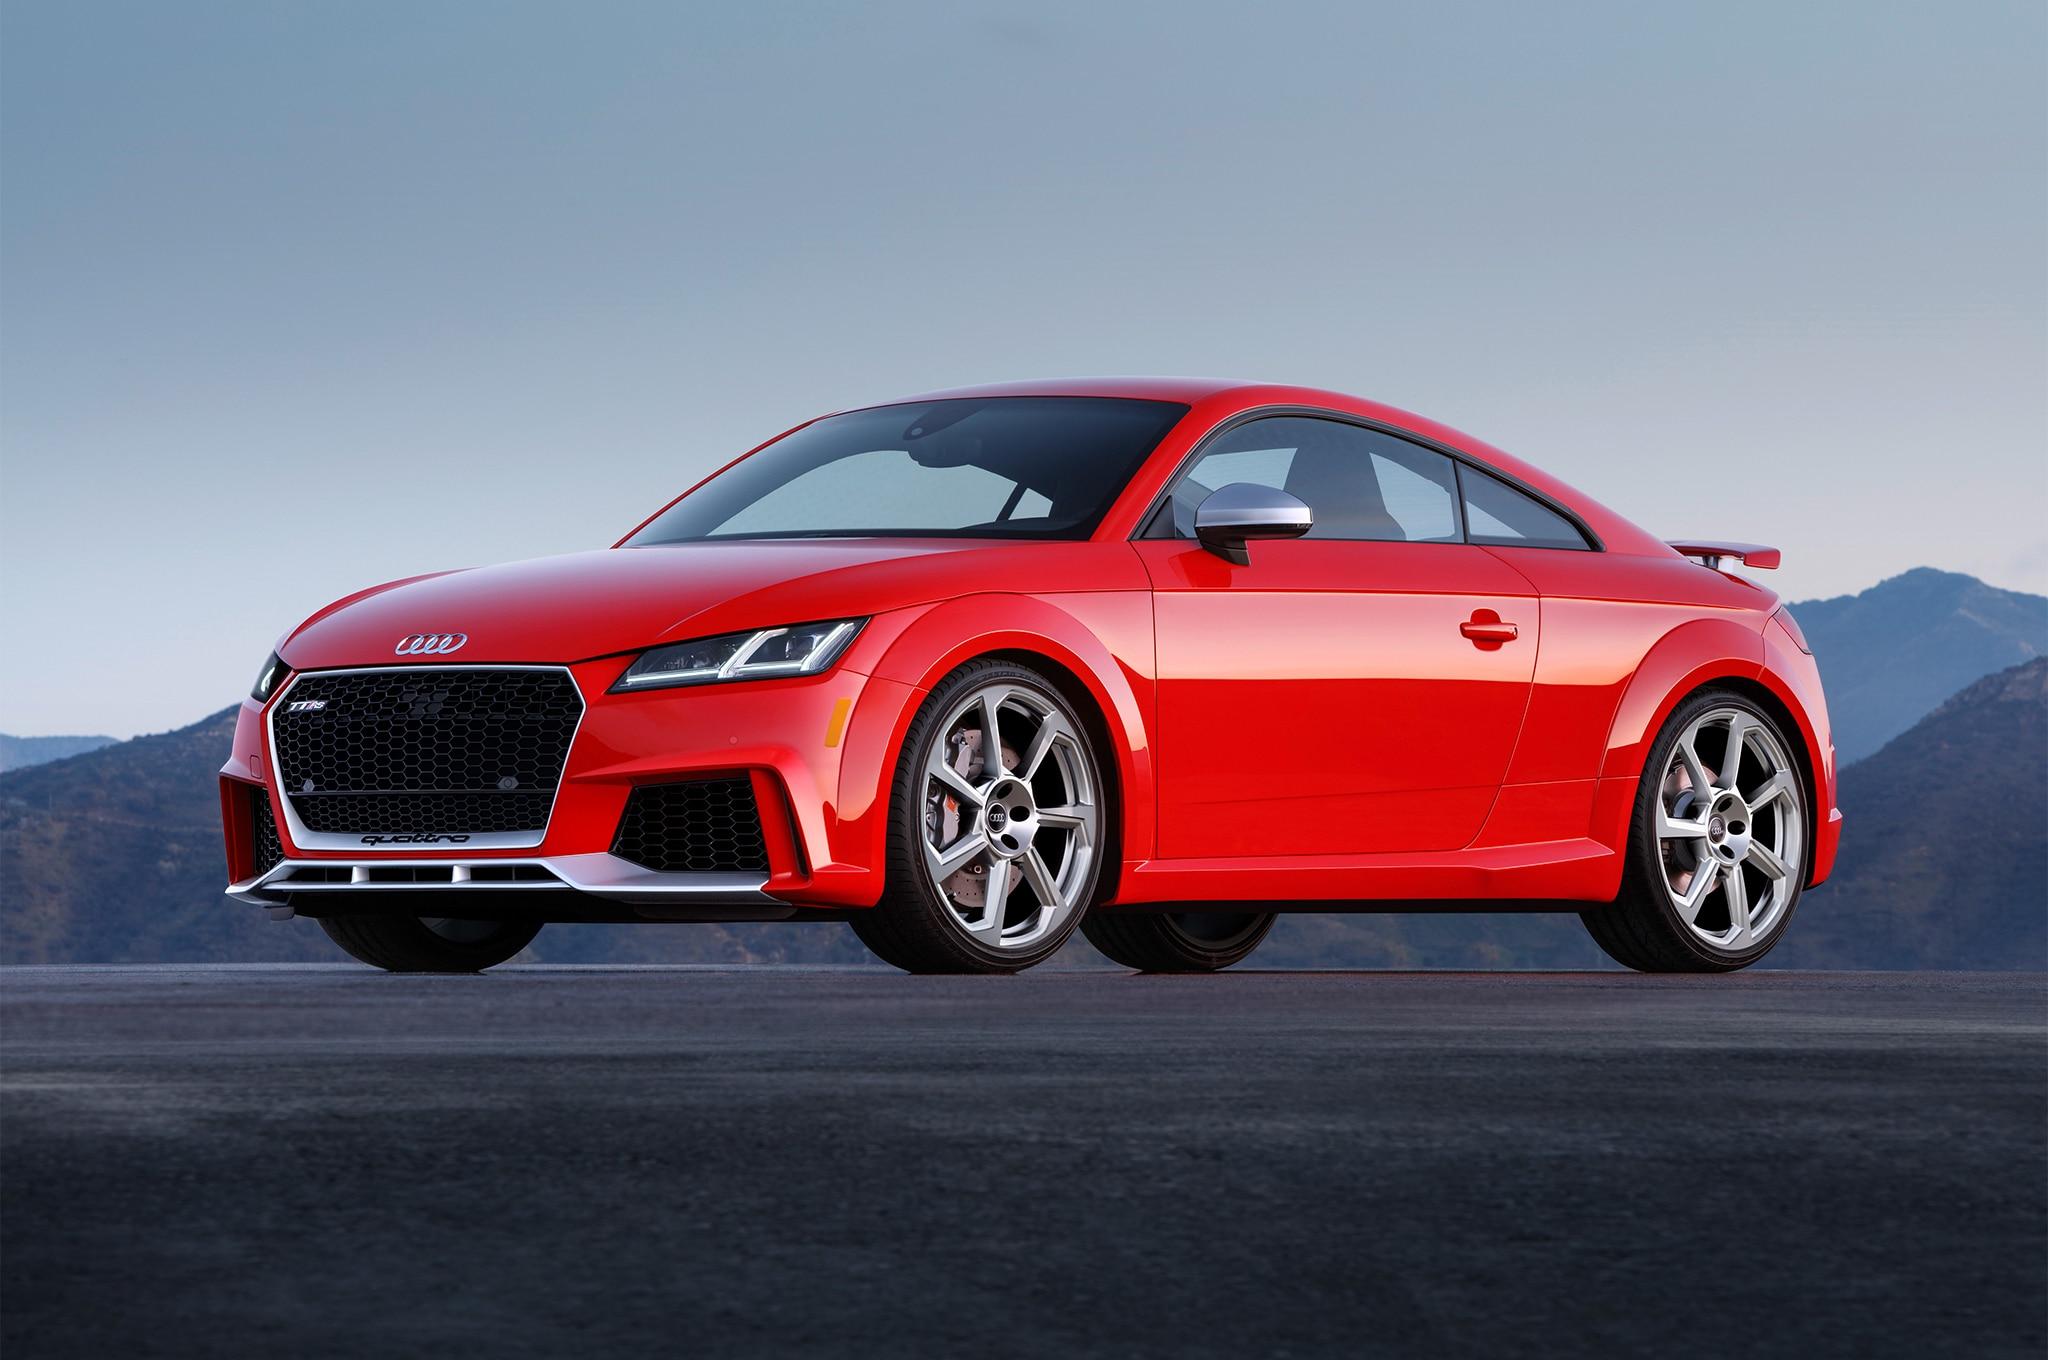 U.S.-Spec 2018 Audi TT RS Priced at $65,875 | Automobile ...